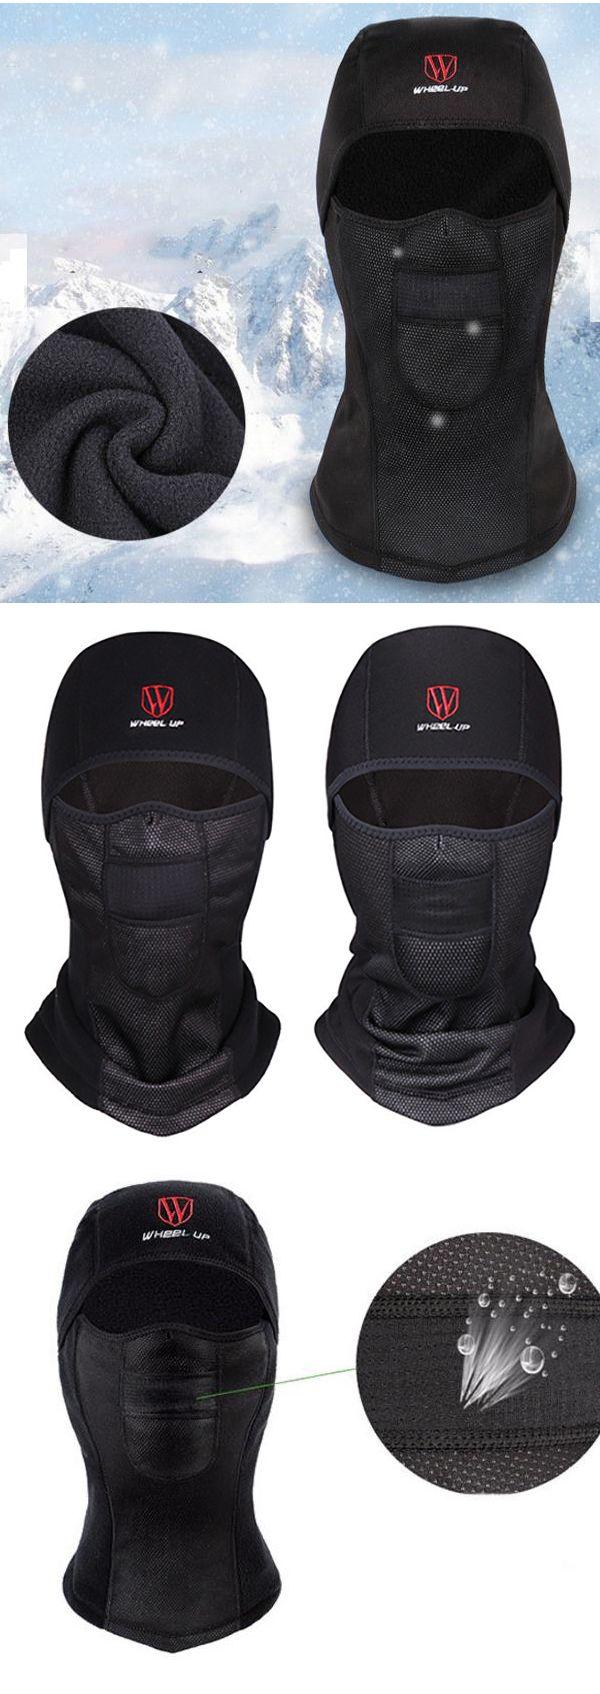 Winter Outfit: Warm Fleece Full Hood  Windproof Hat: Dustproof/Waterproof #men #winter